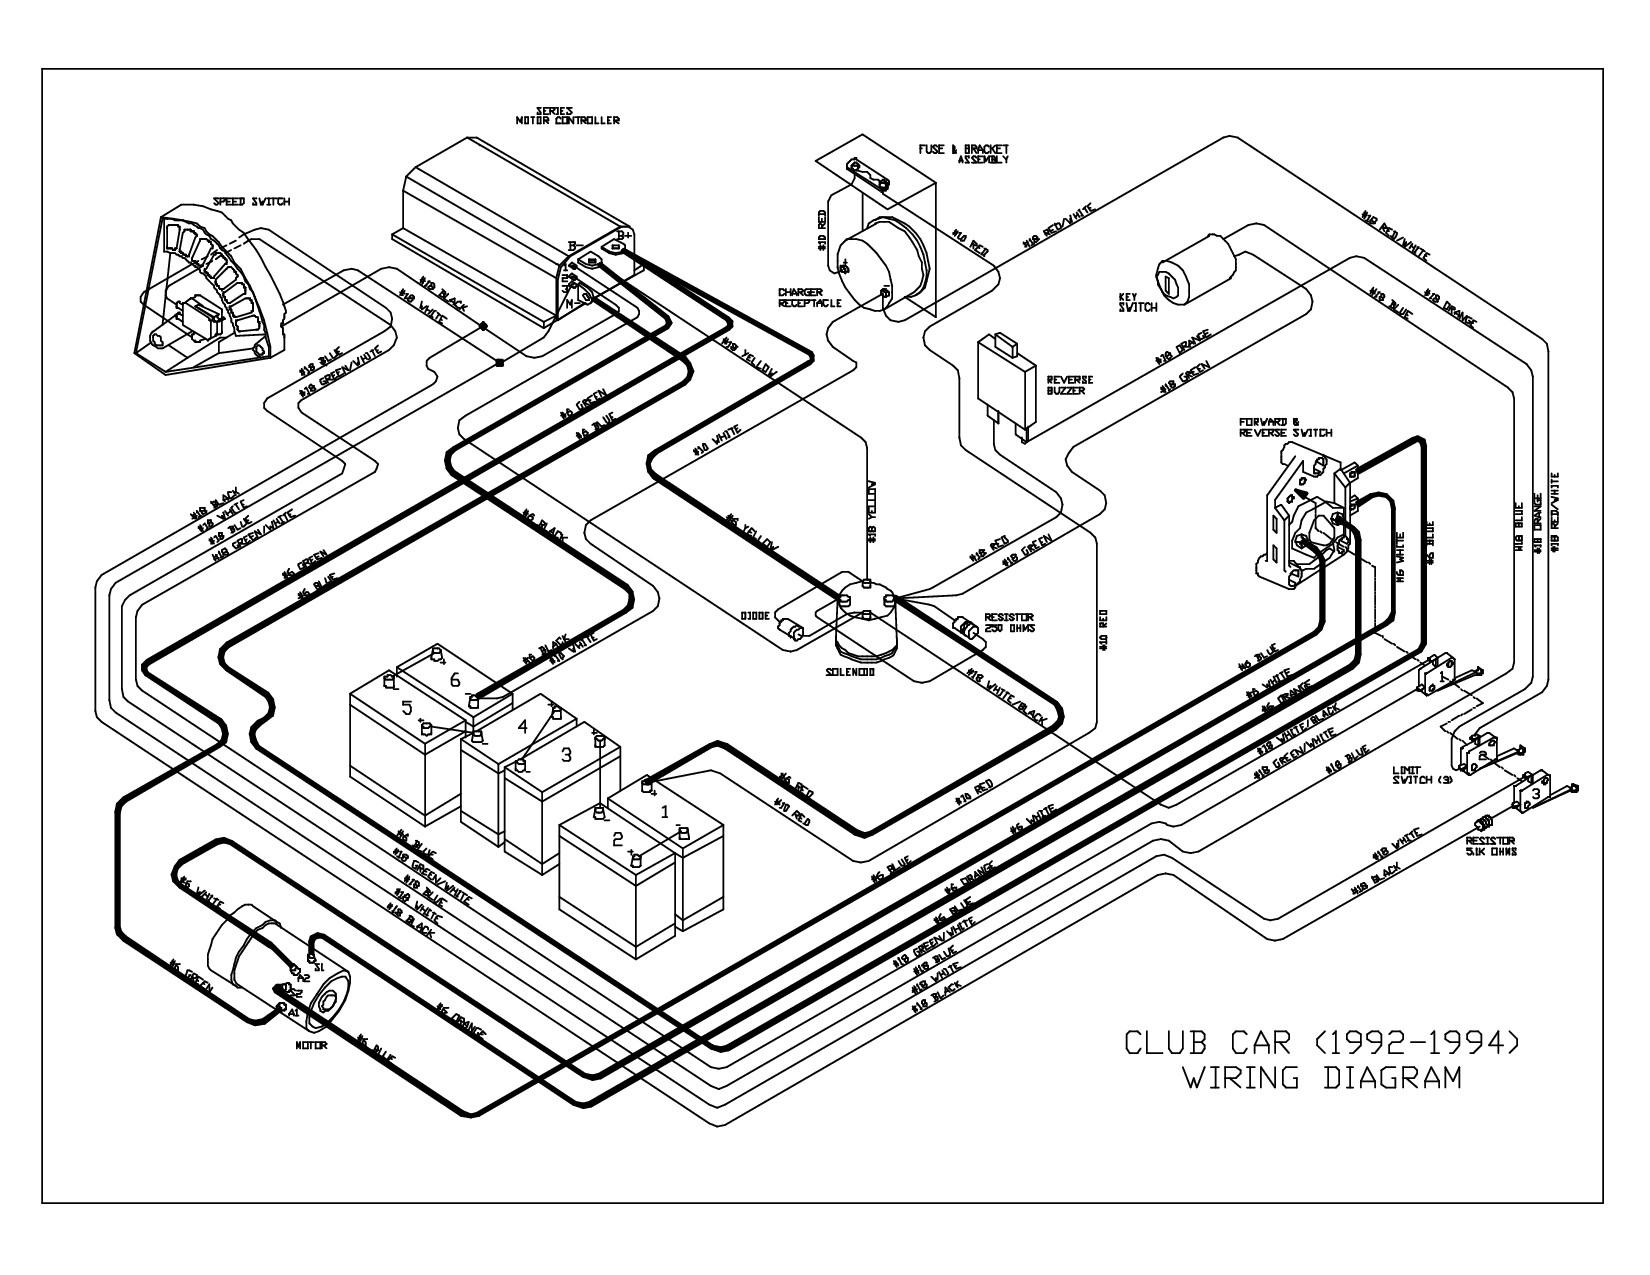 1996 Gas Ezgo Wire Diagram 1995 Club Car Wiring Diagram Of 1996 Gas Ezgo Wire Diagram